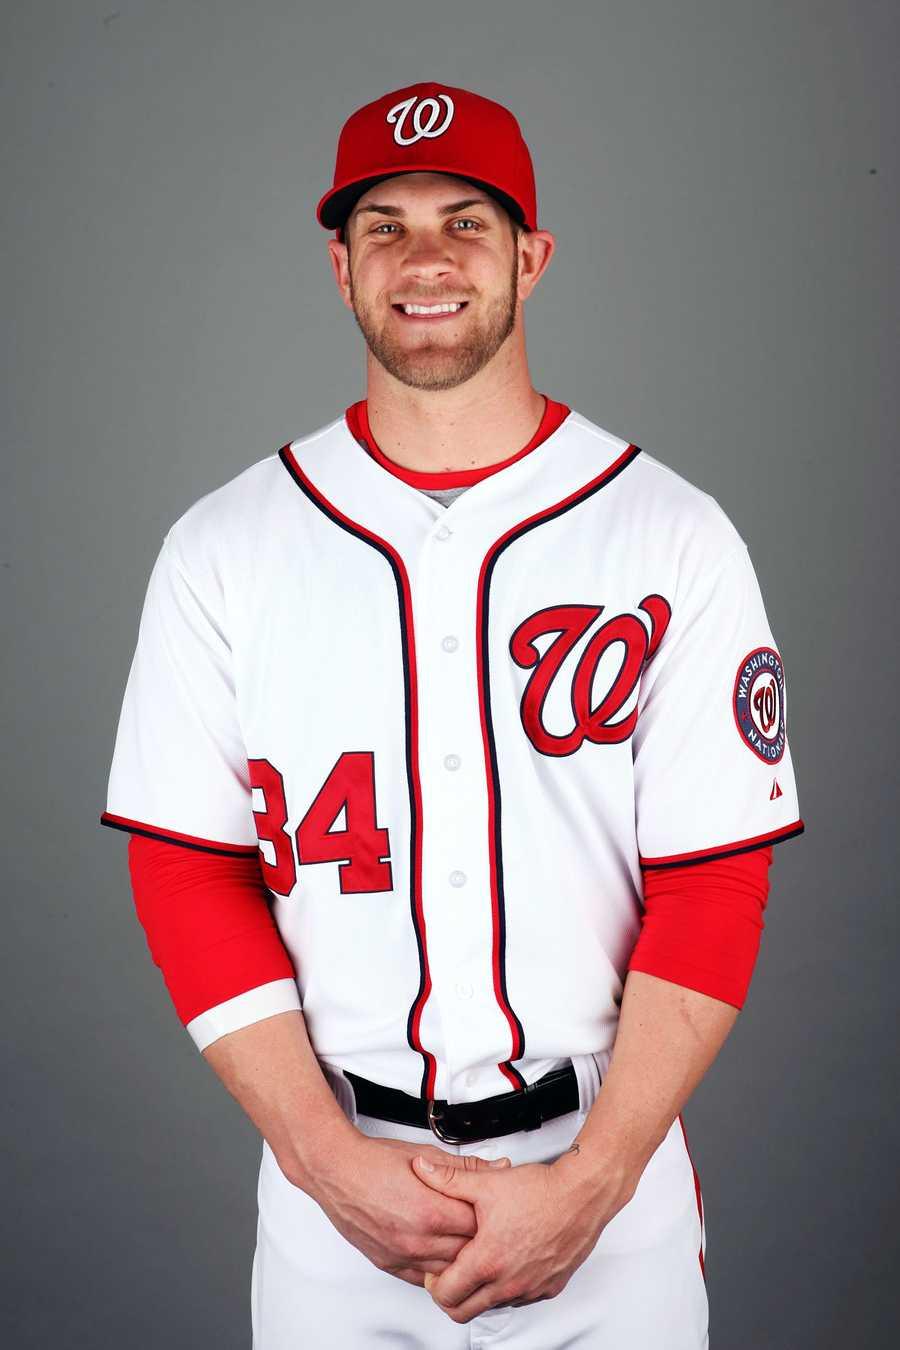 12)Bryce Harper, Washington Nationals